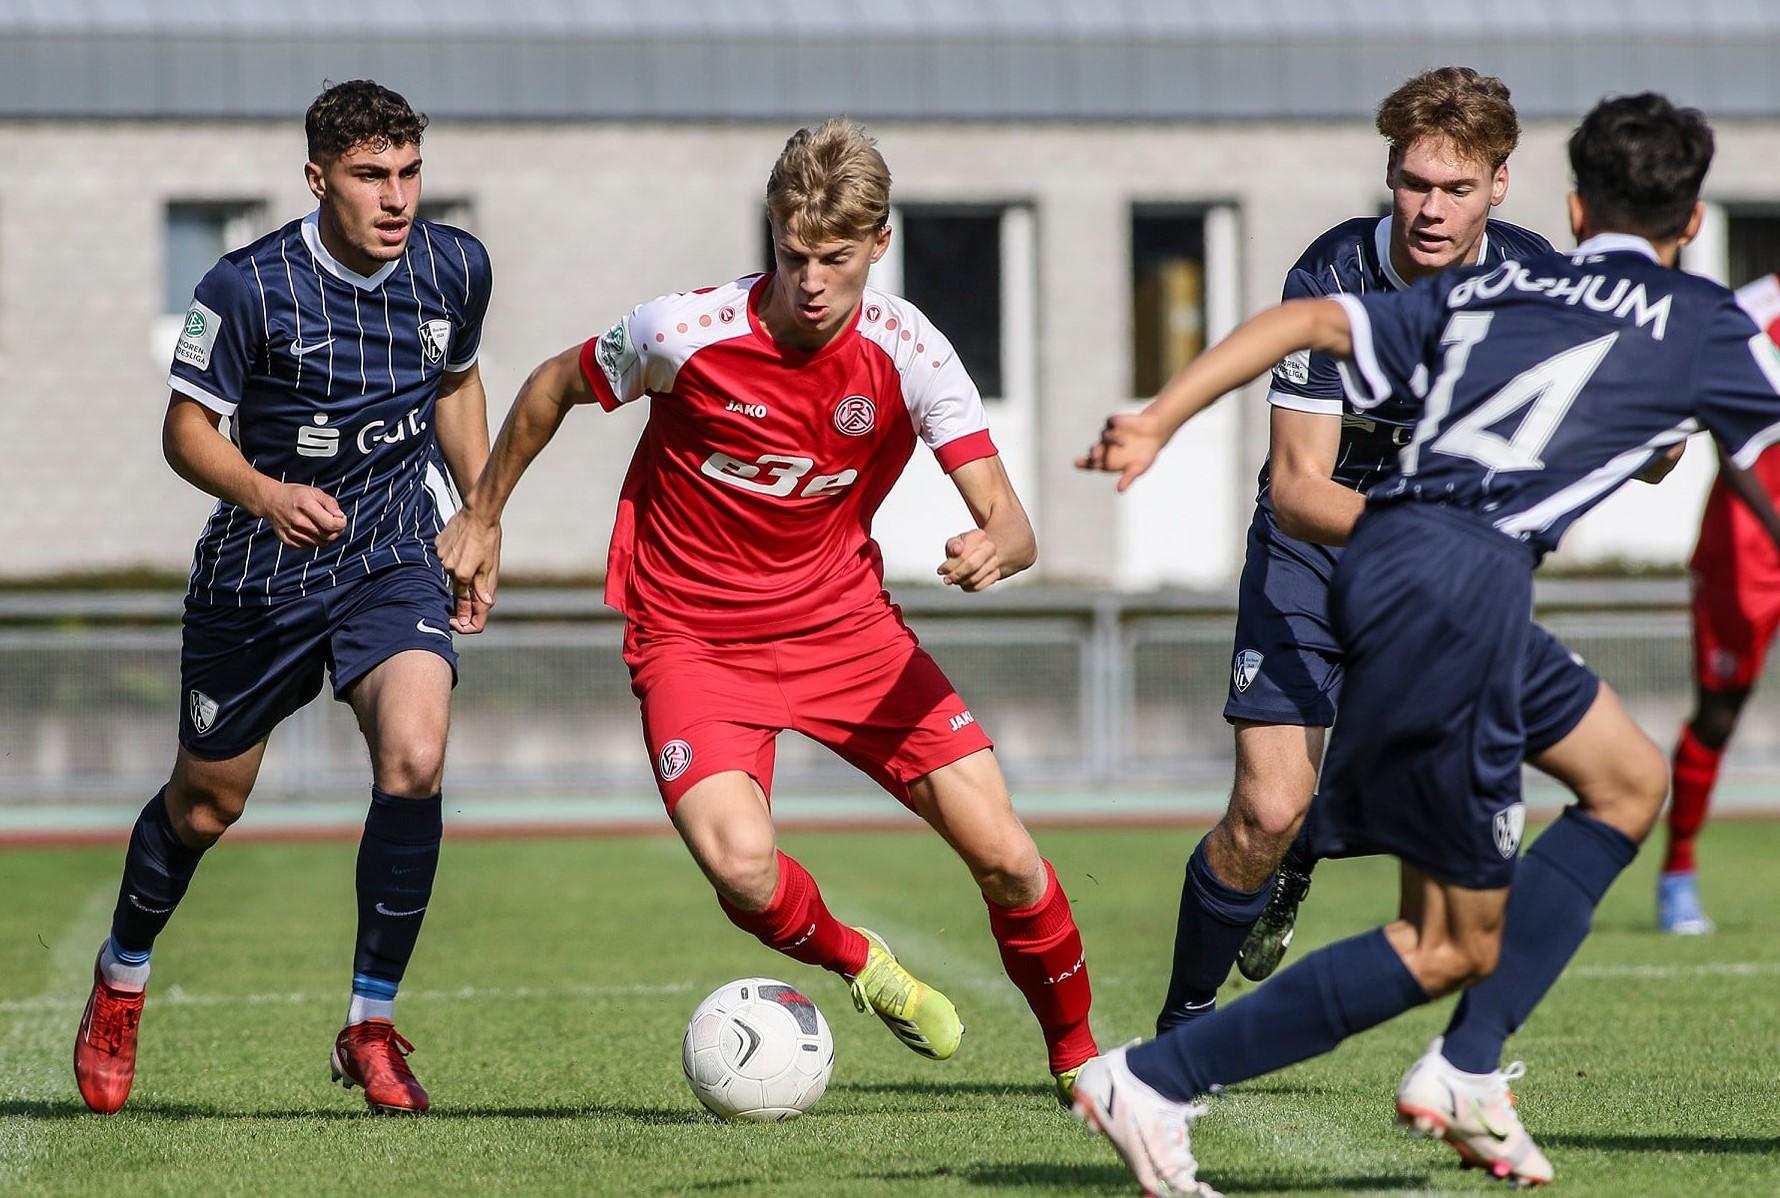 Seumannstraße: Die RWE-U19 trifft auf den BVB